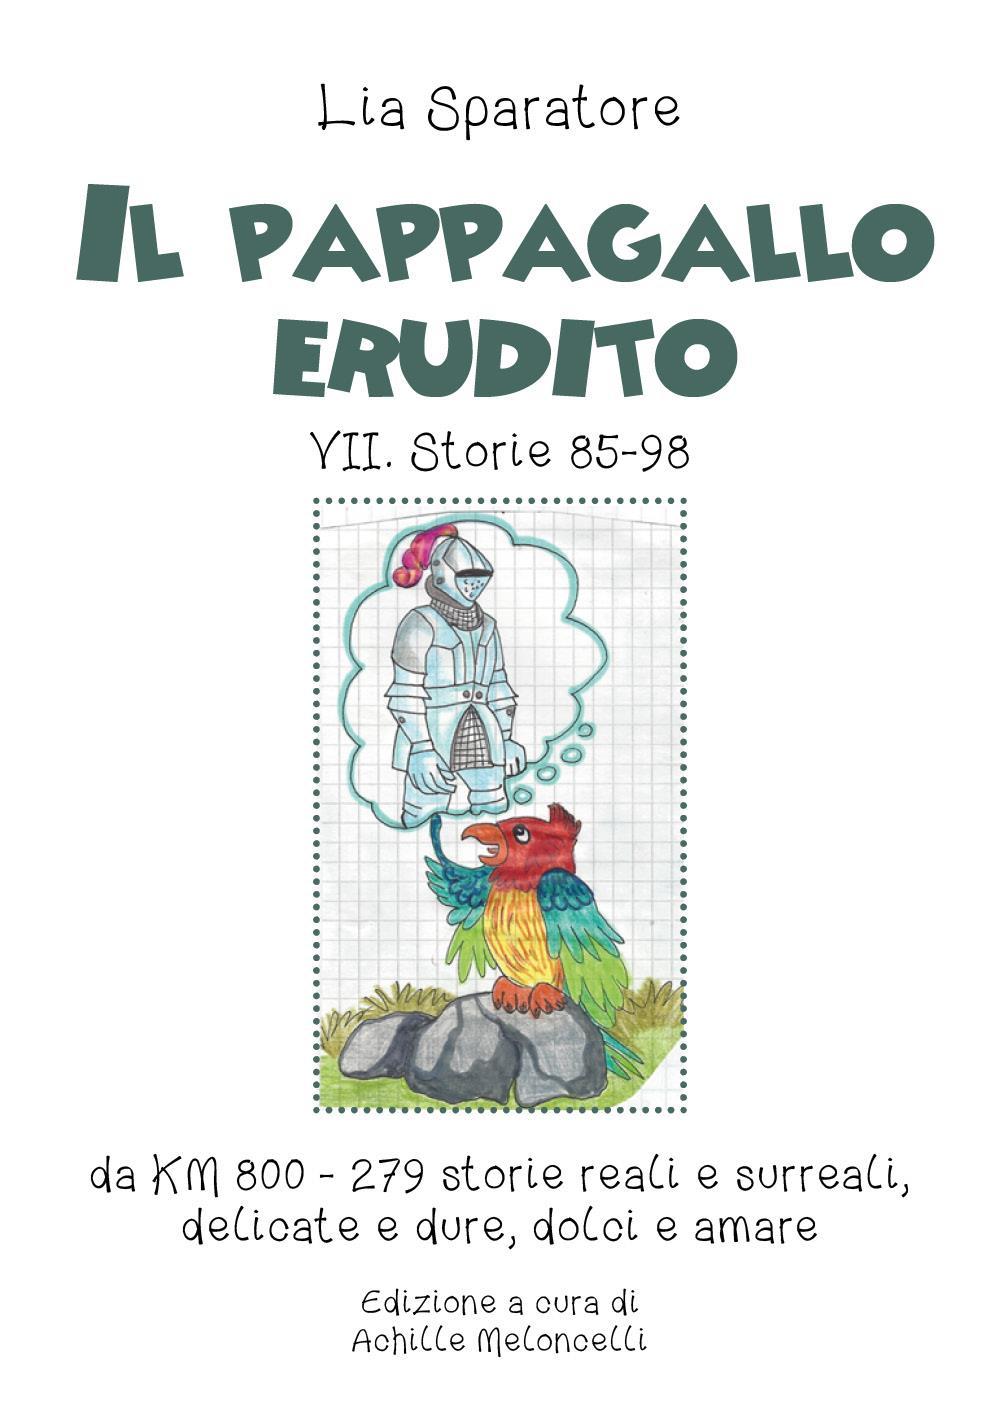 Il pappagallo erudito VII. Storie 85-98 da KM 800 - 279 storie reali e surreali, delicate e dure, dolci e amare